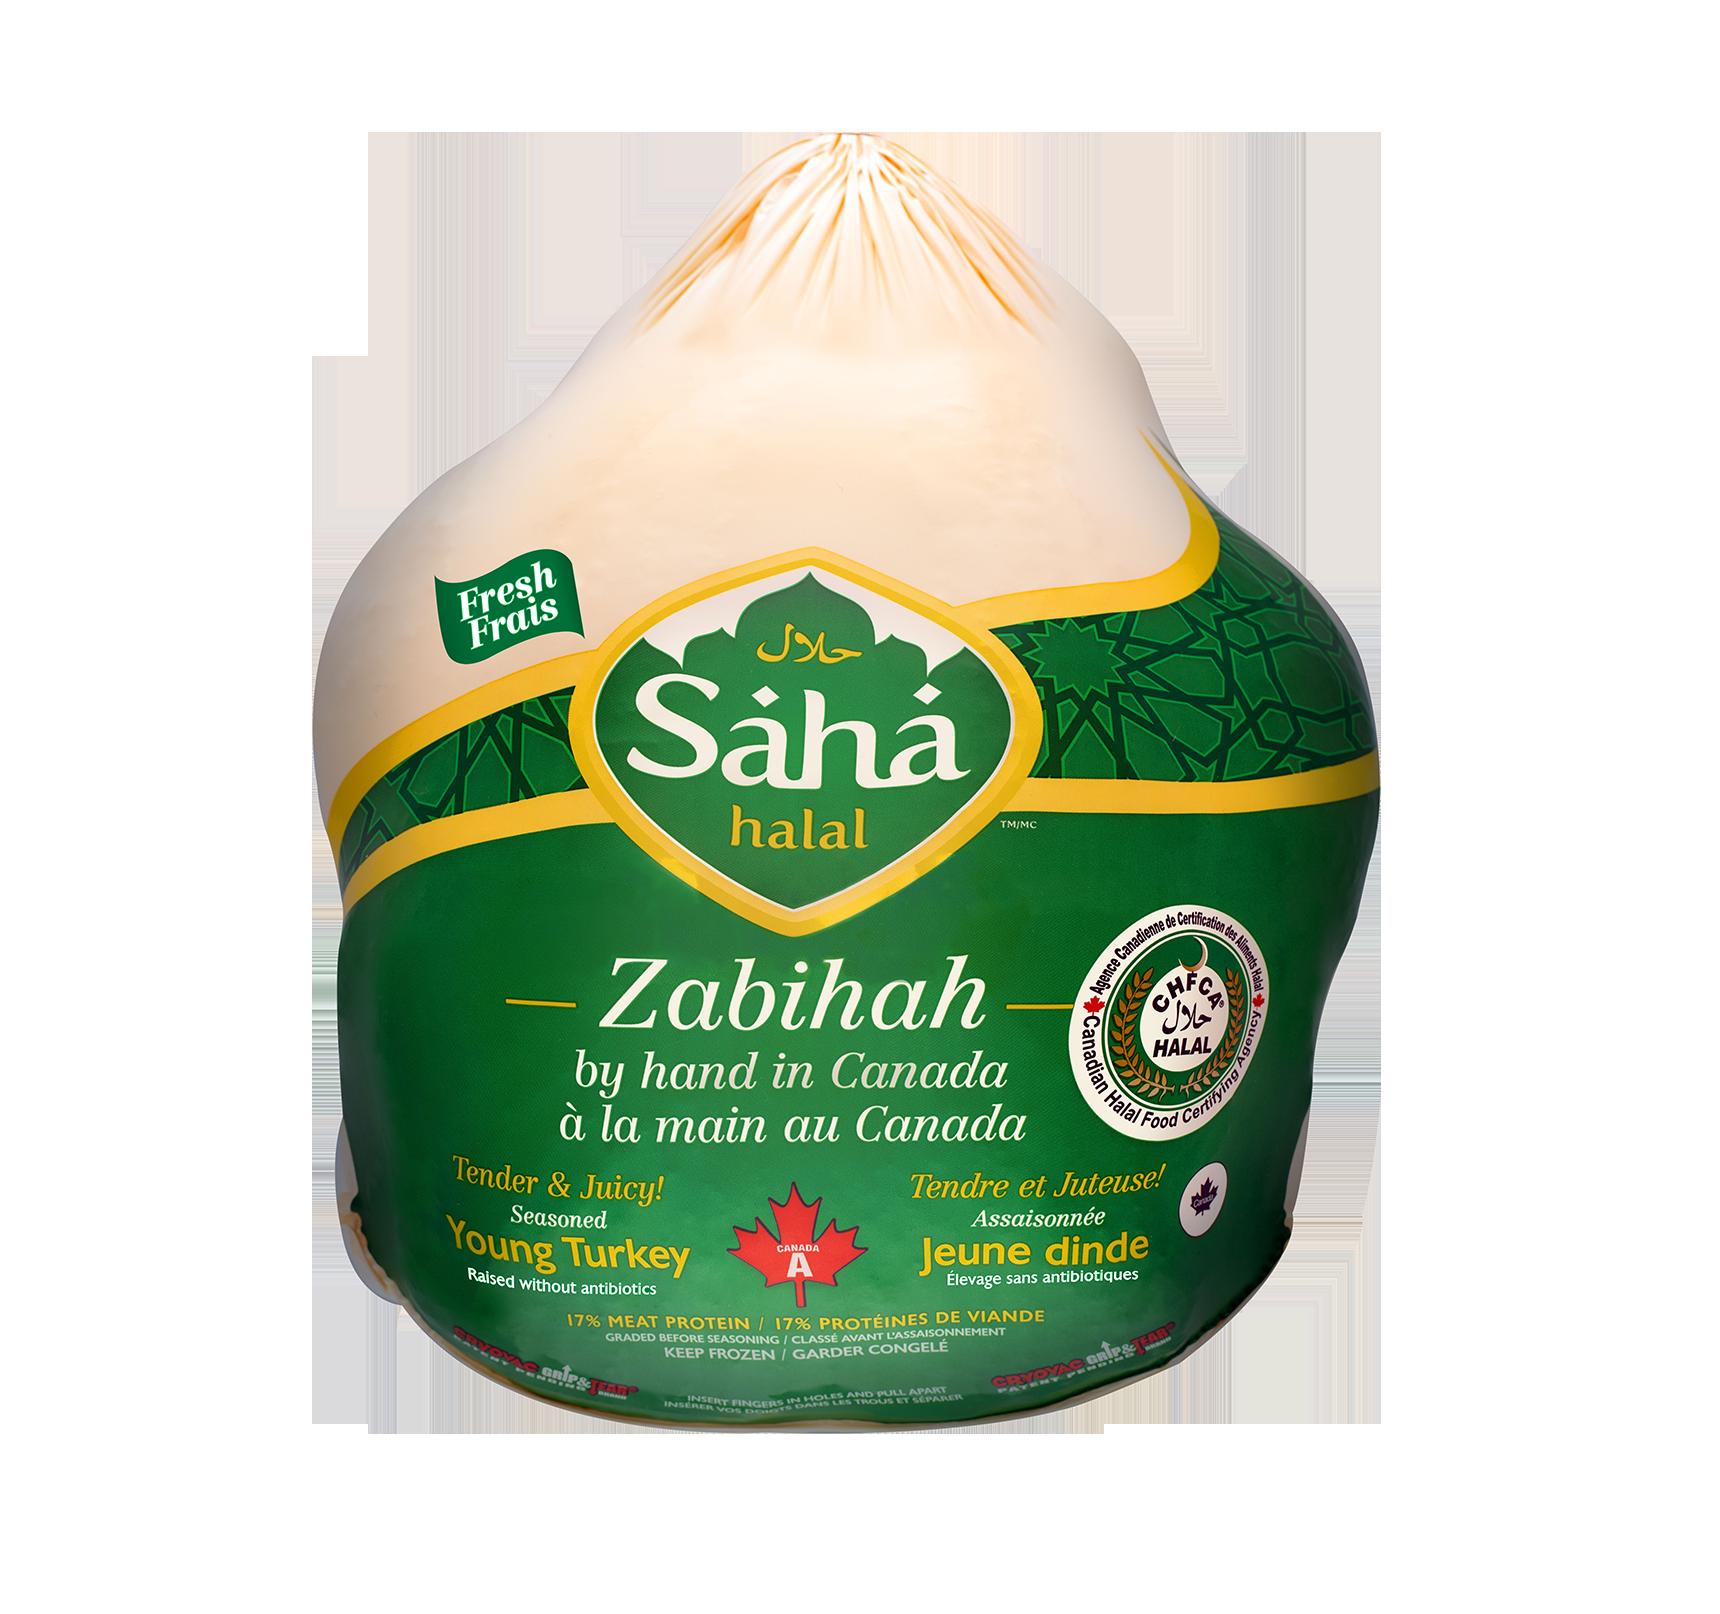 Saha Turkey fresh